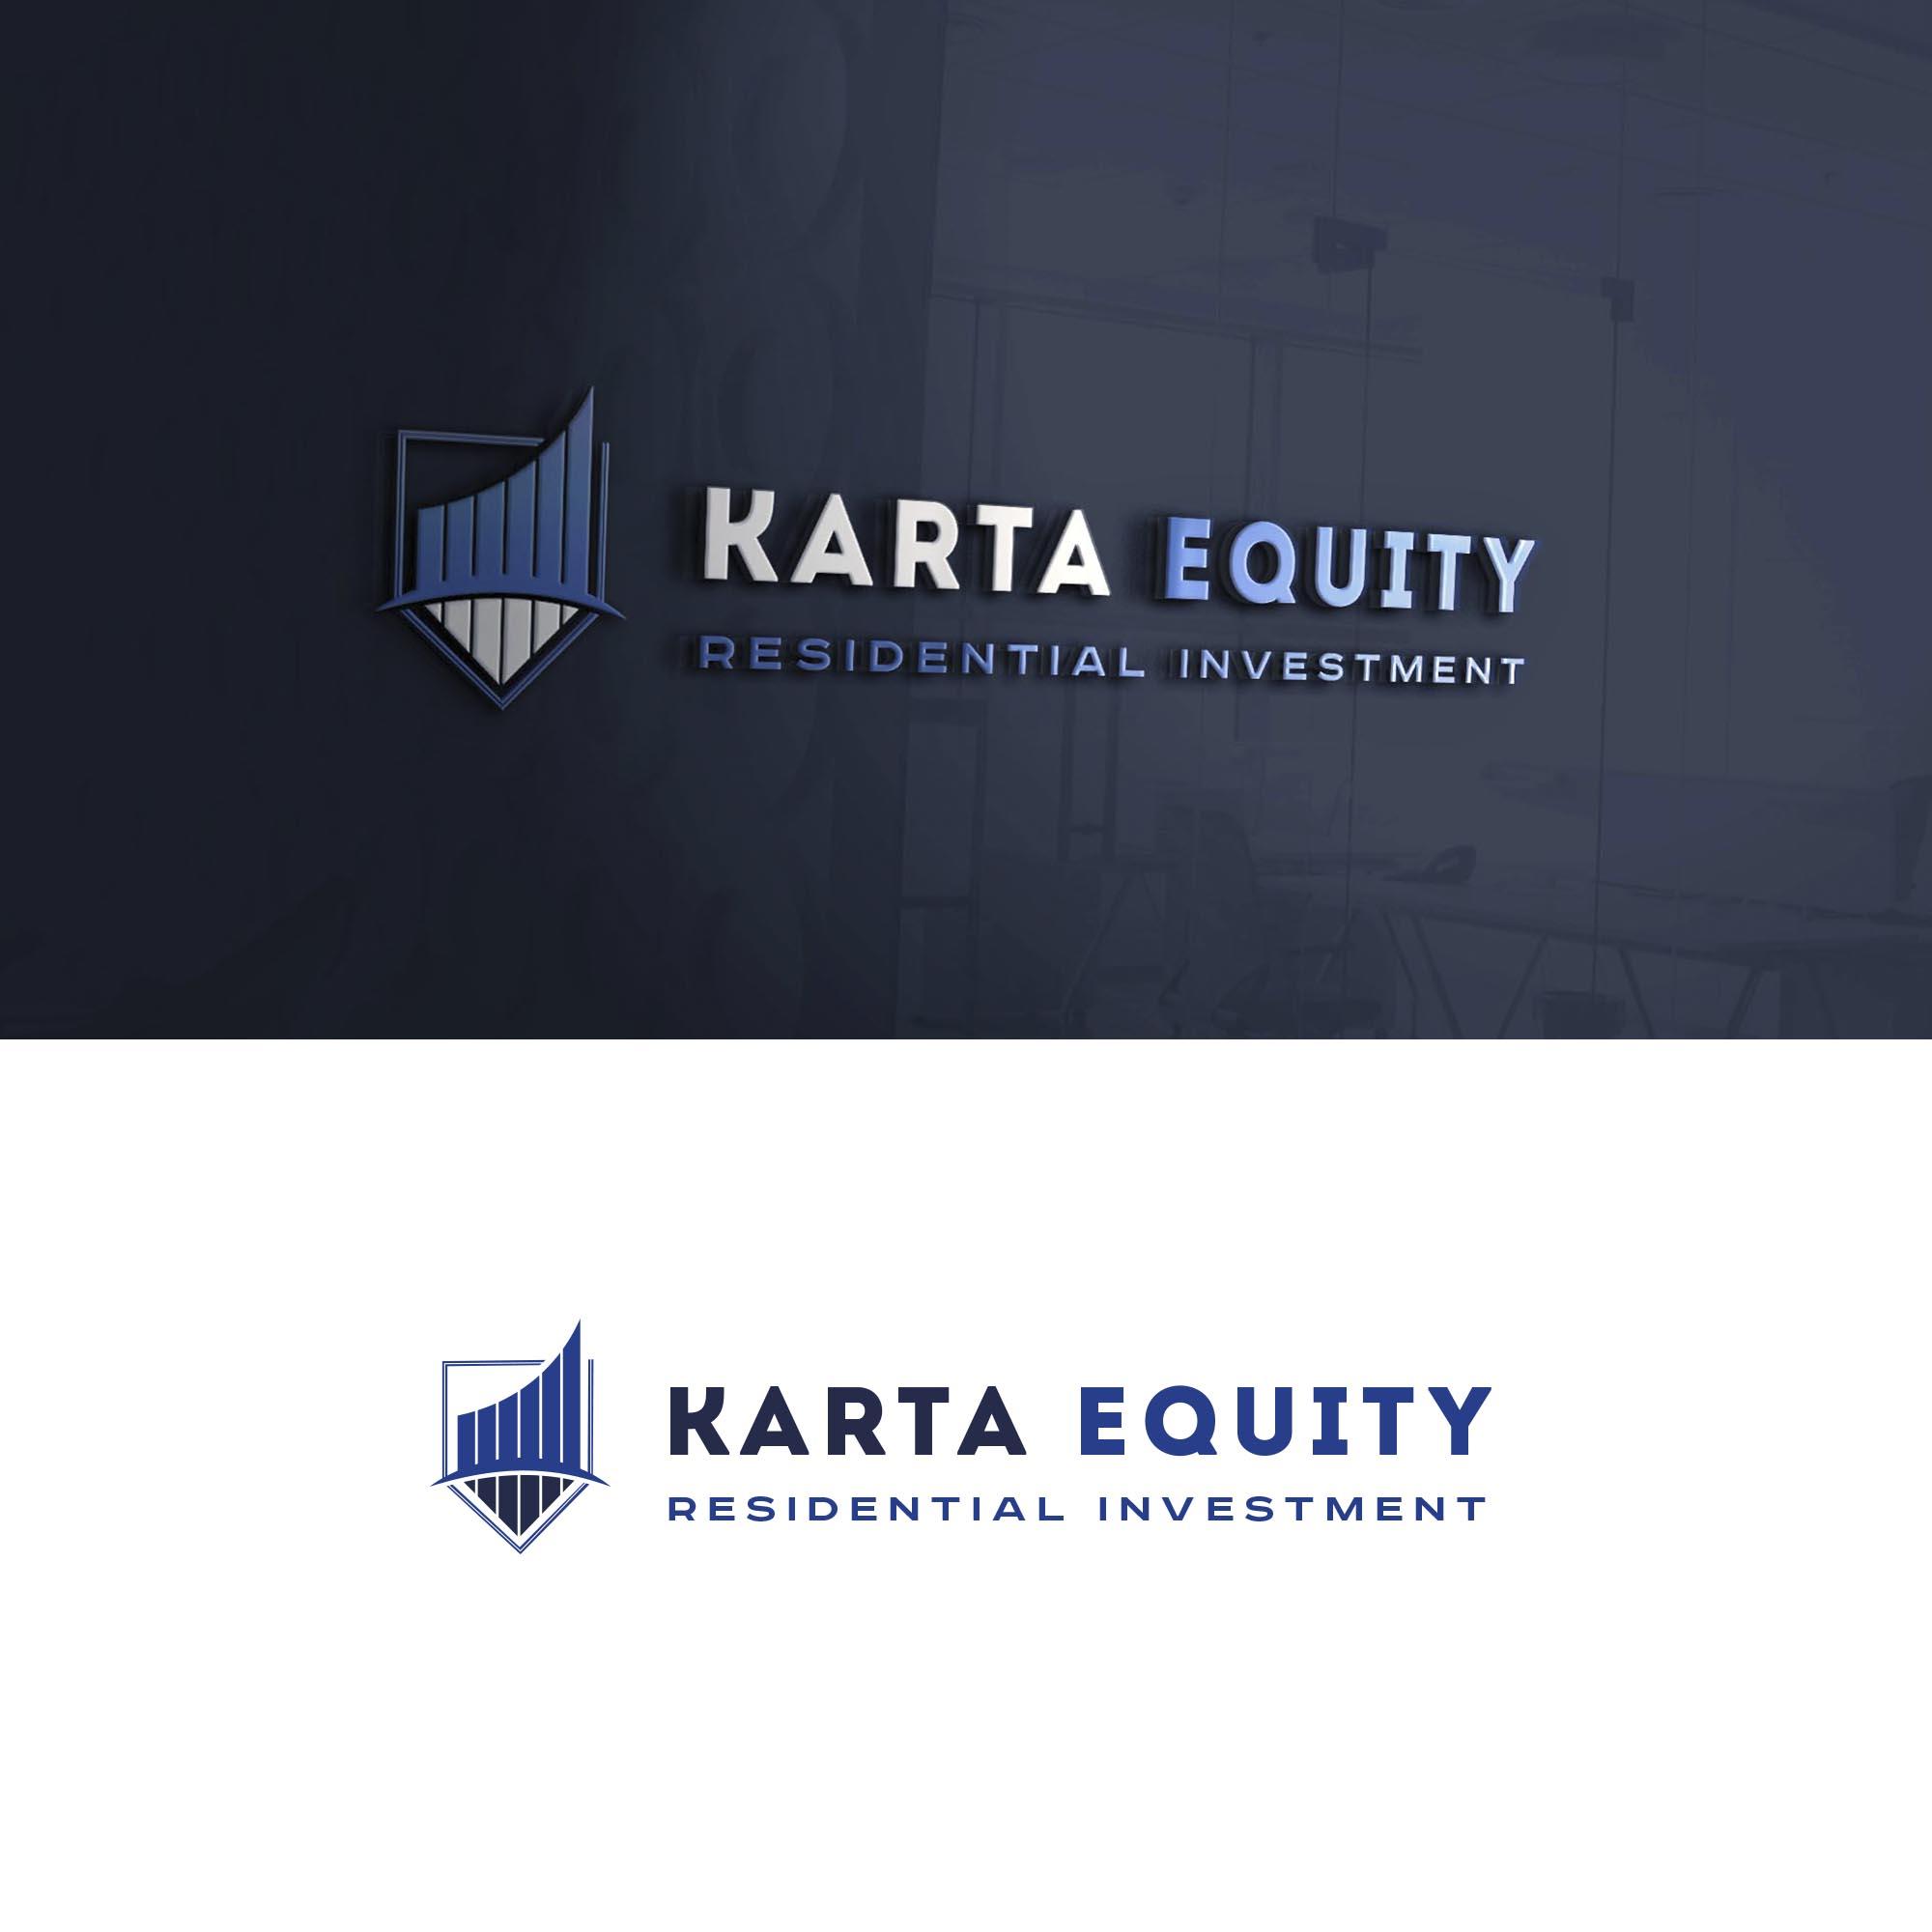 Логотип для компании инвестироваюшей в жилую недвижимость фото f_7705e19ef6132a74.jpg